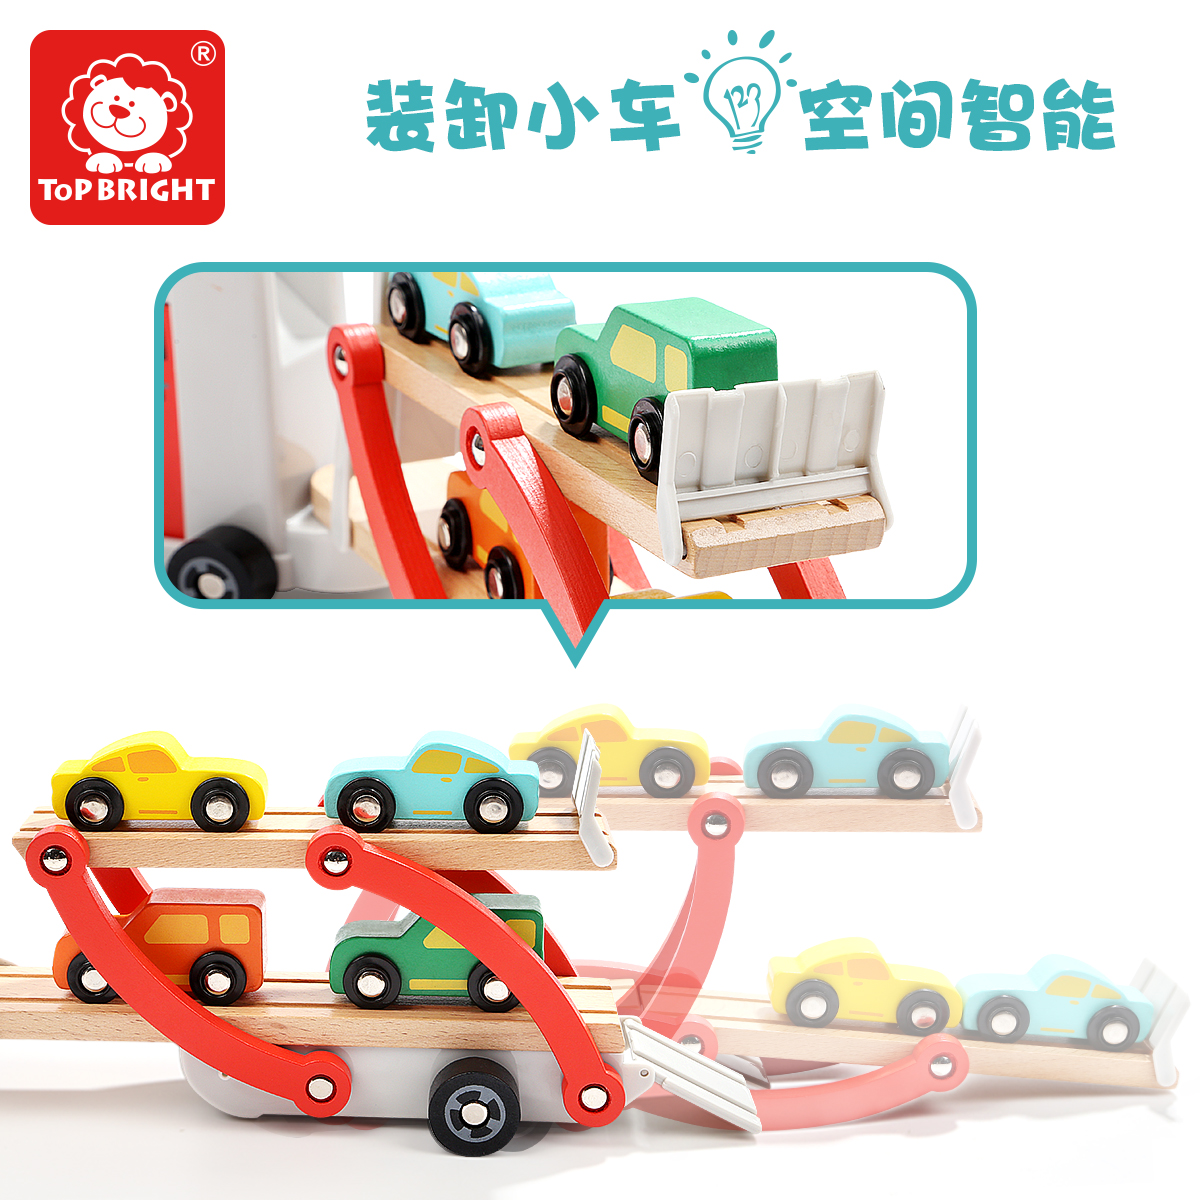 特宝儿木制拆装组装工程车儿童宝宝动手益智拼装玩具男孩3-6周岁